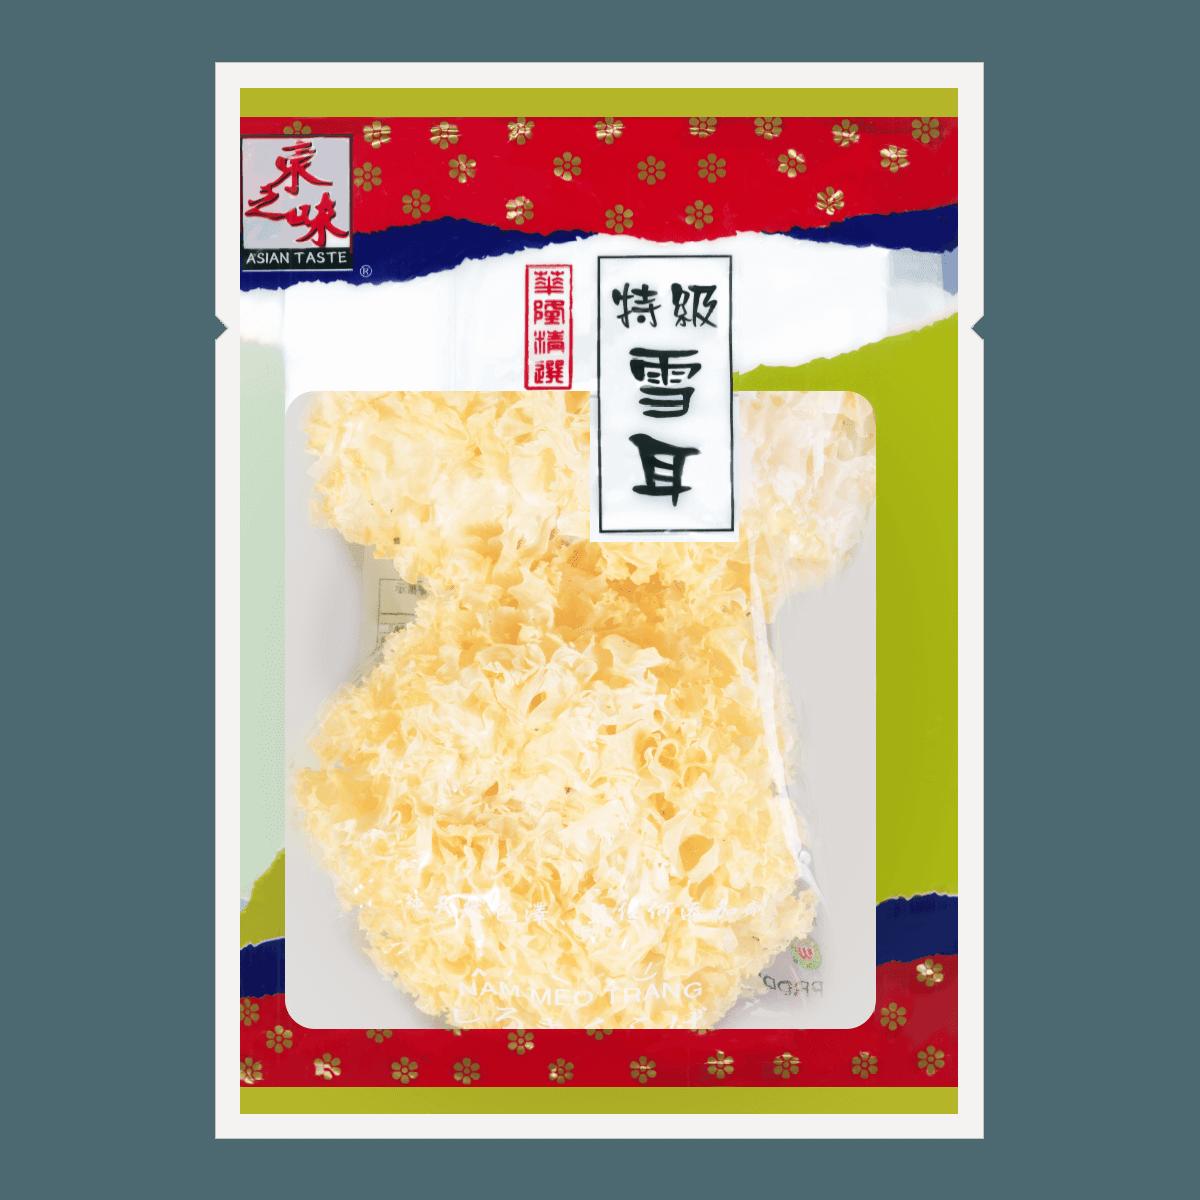 ASIAN TASTE Dried White Fungus 140g